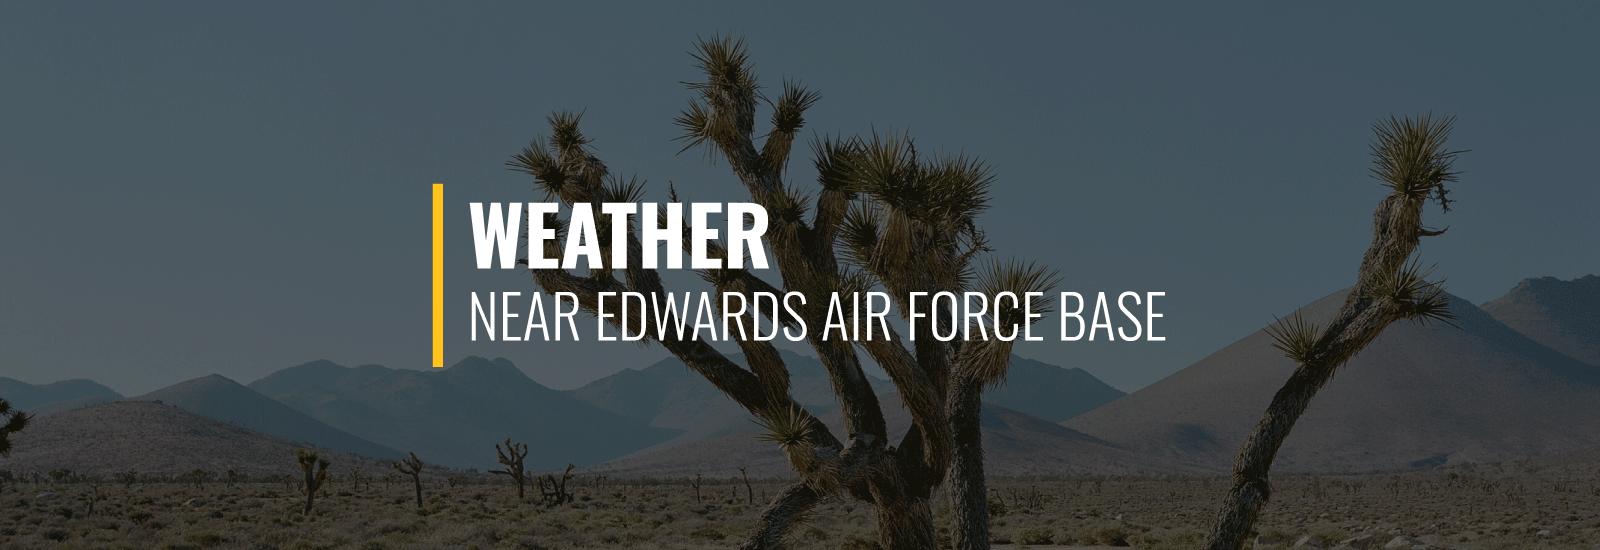 Edwards AFB Weather